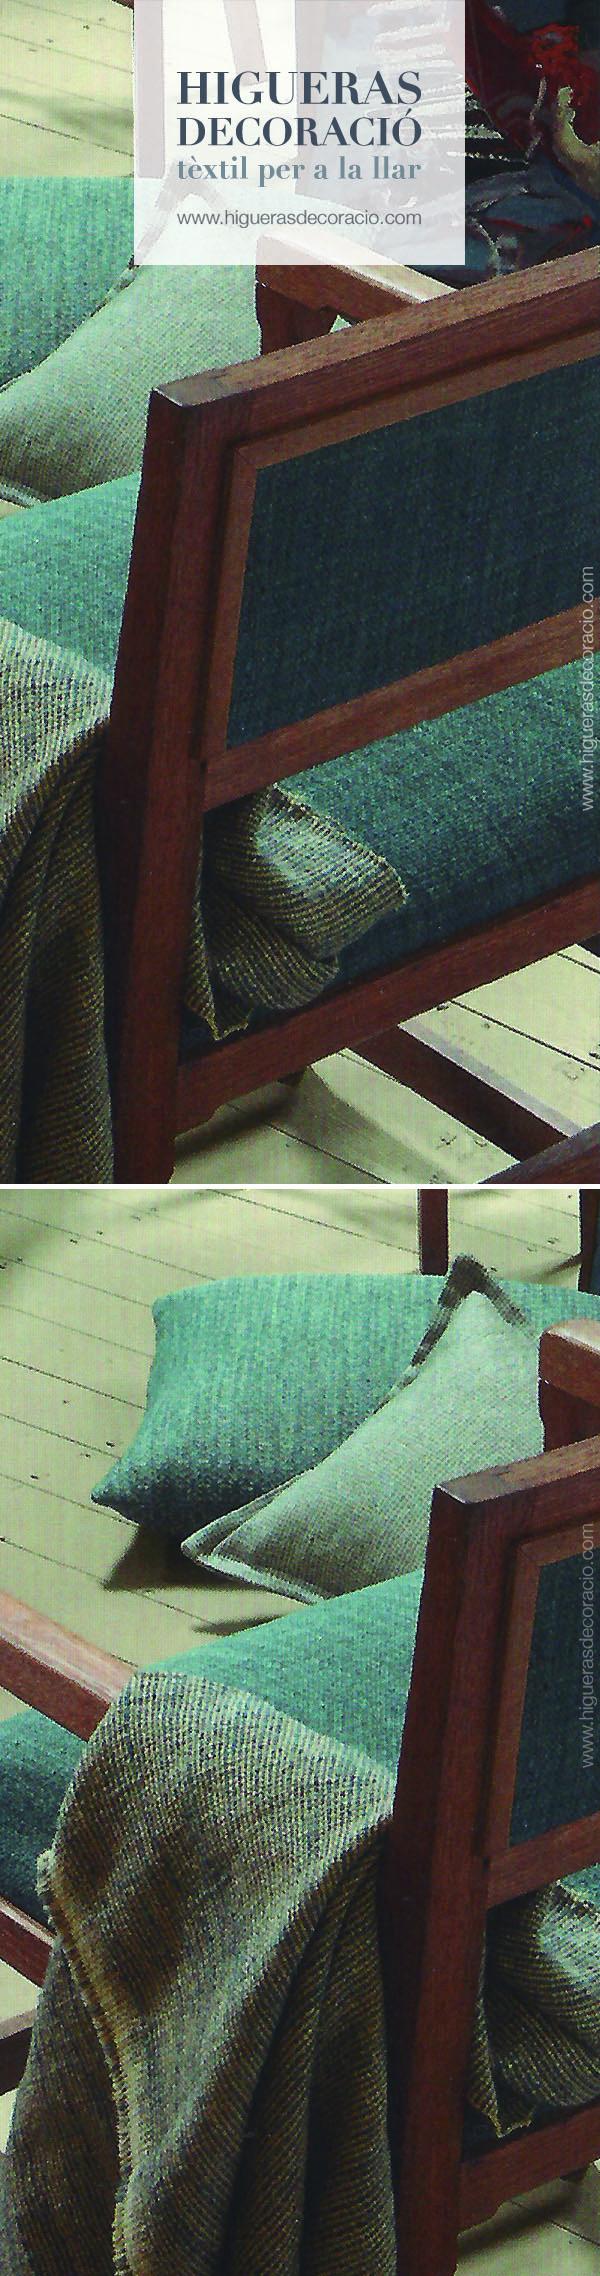 Tapiza una silla con brazos con tela de algodón. Utiliza la gama de colores que te ofrece la colección para confeccionar los cojines, la funda del sofá, la cortina... www.higuerasdecoracio.com